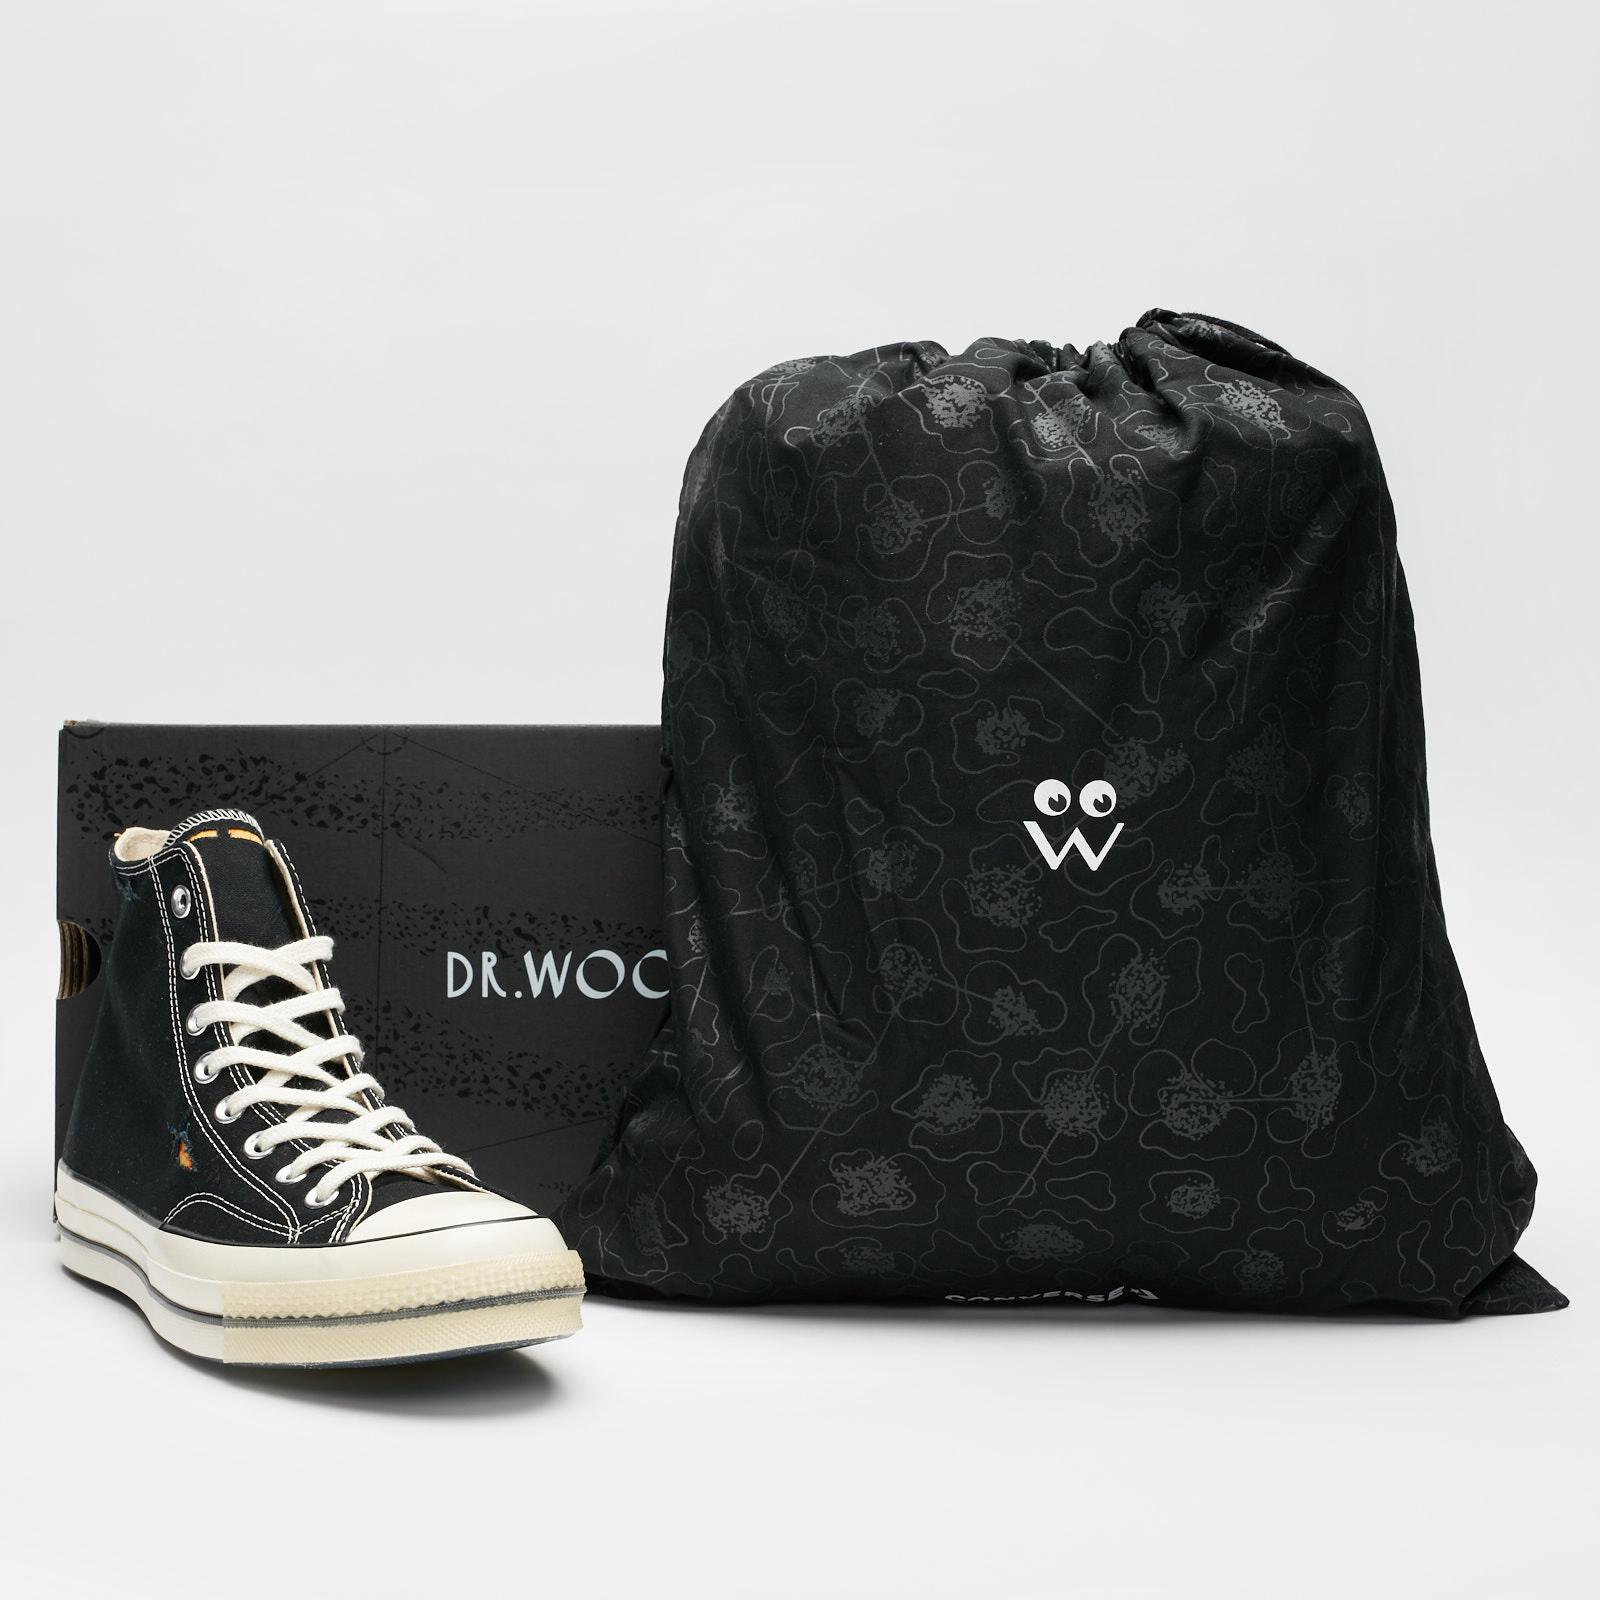 Converse Chuck 70 Hi x Dr.Woo - 162977c